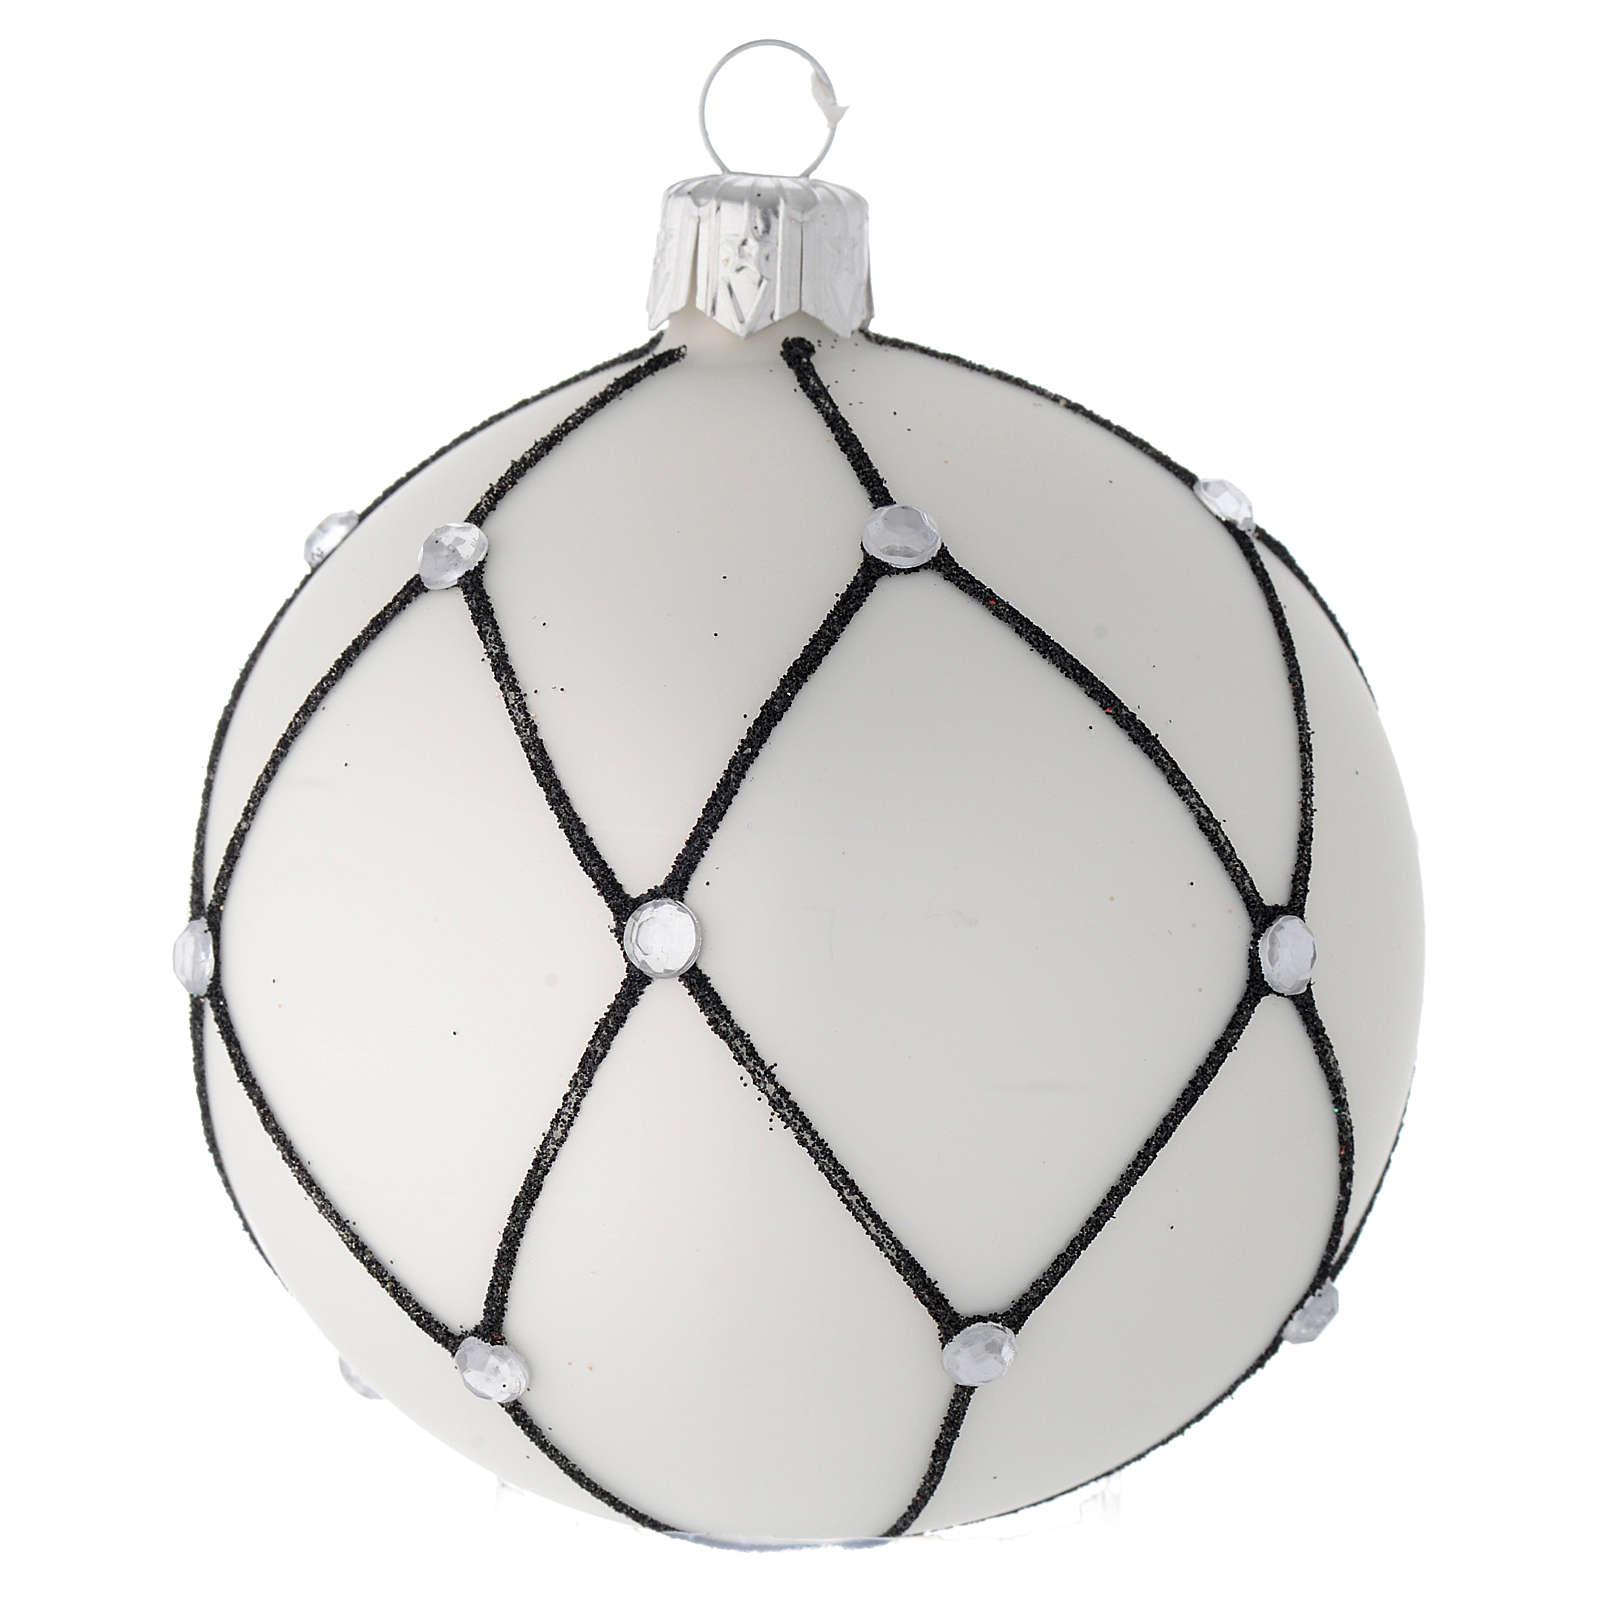 Bola de Navidad de vidrio blanco con decoración negra 80 mm 4